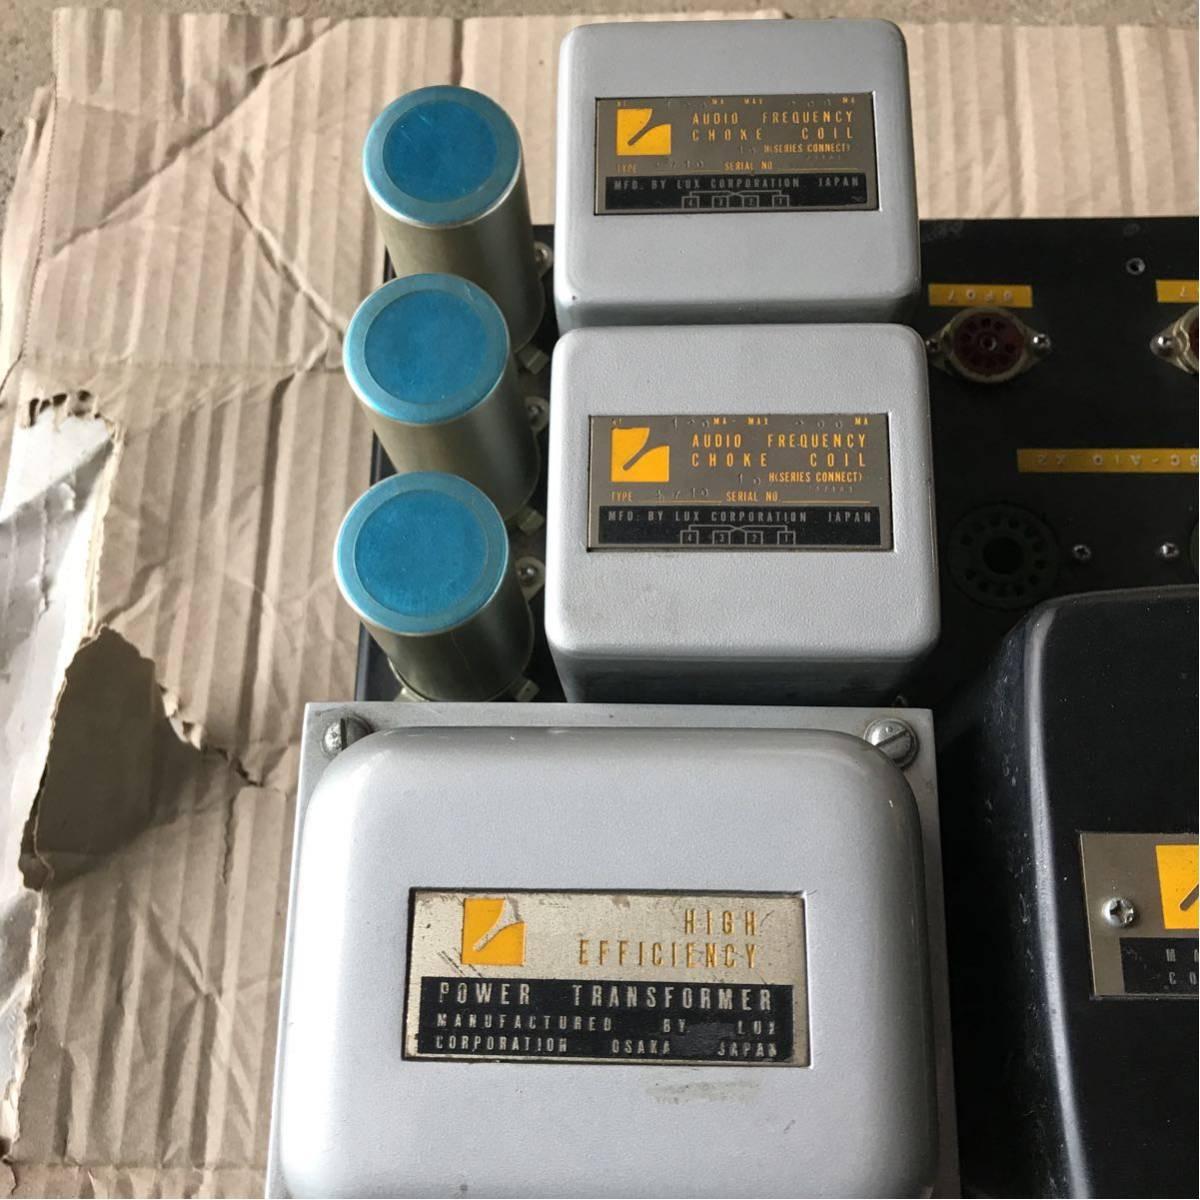 真空管 NEC 6C-A10 PP OY-36-5K LUX 写真の真空管はヒーター確認用なので付属しないですが プレゼントで6C-A10 1個付属しますジャンク品_画像5